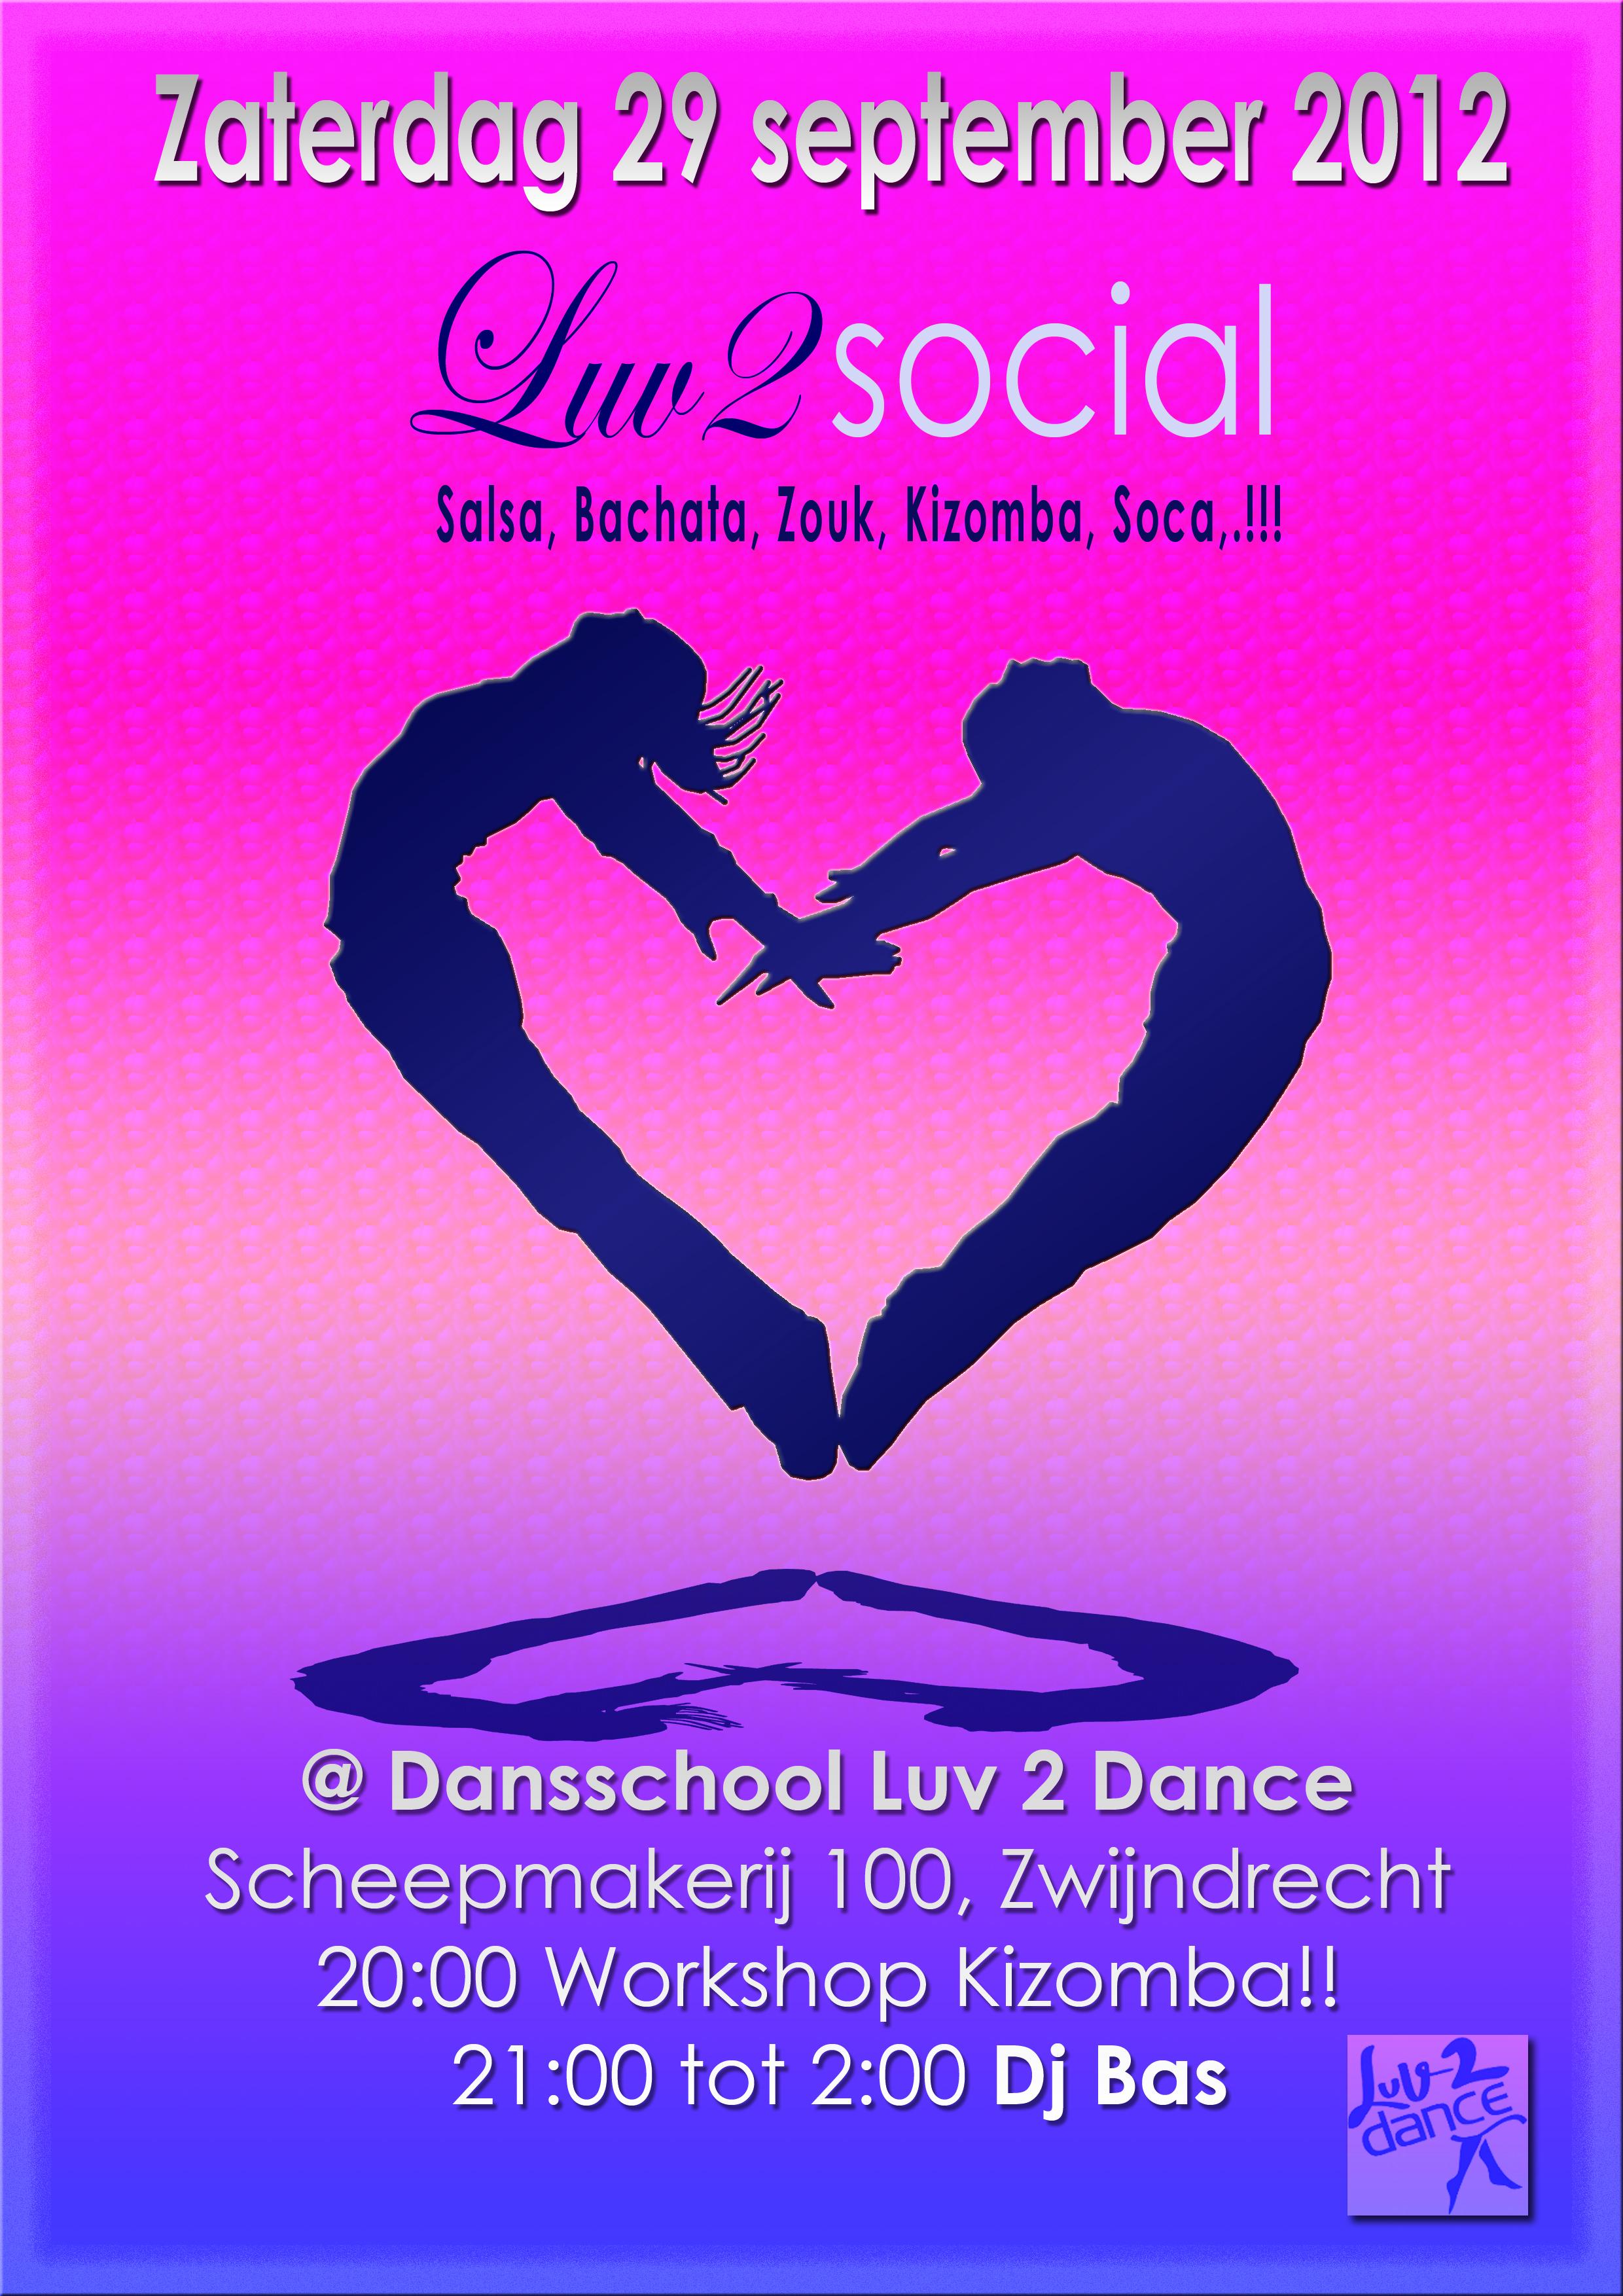 Luv2social